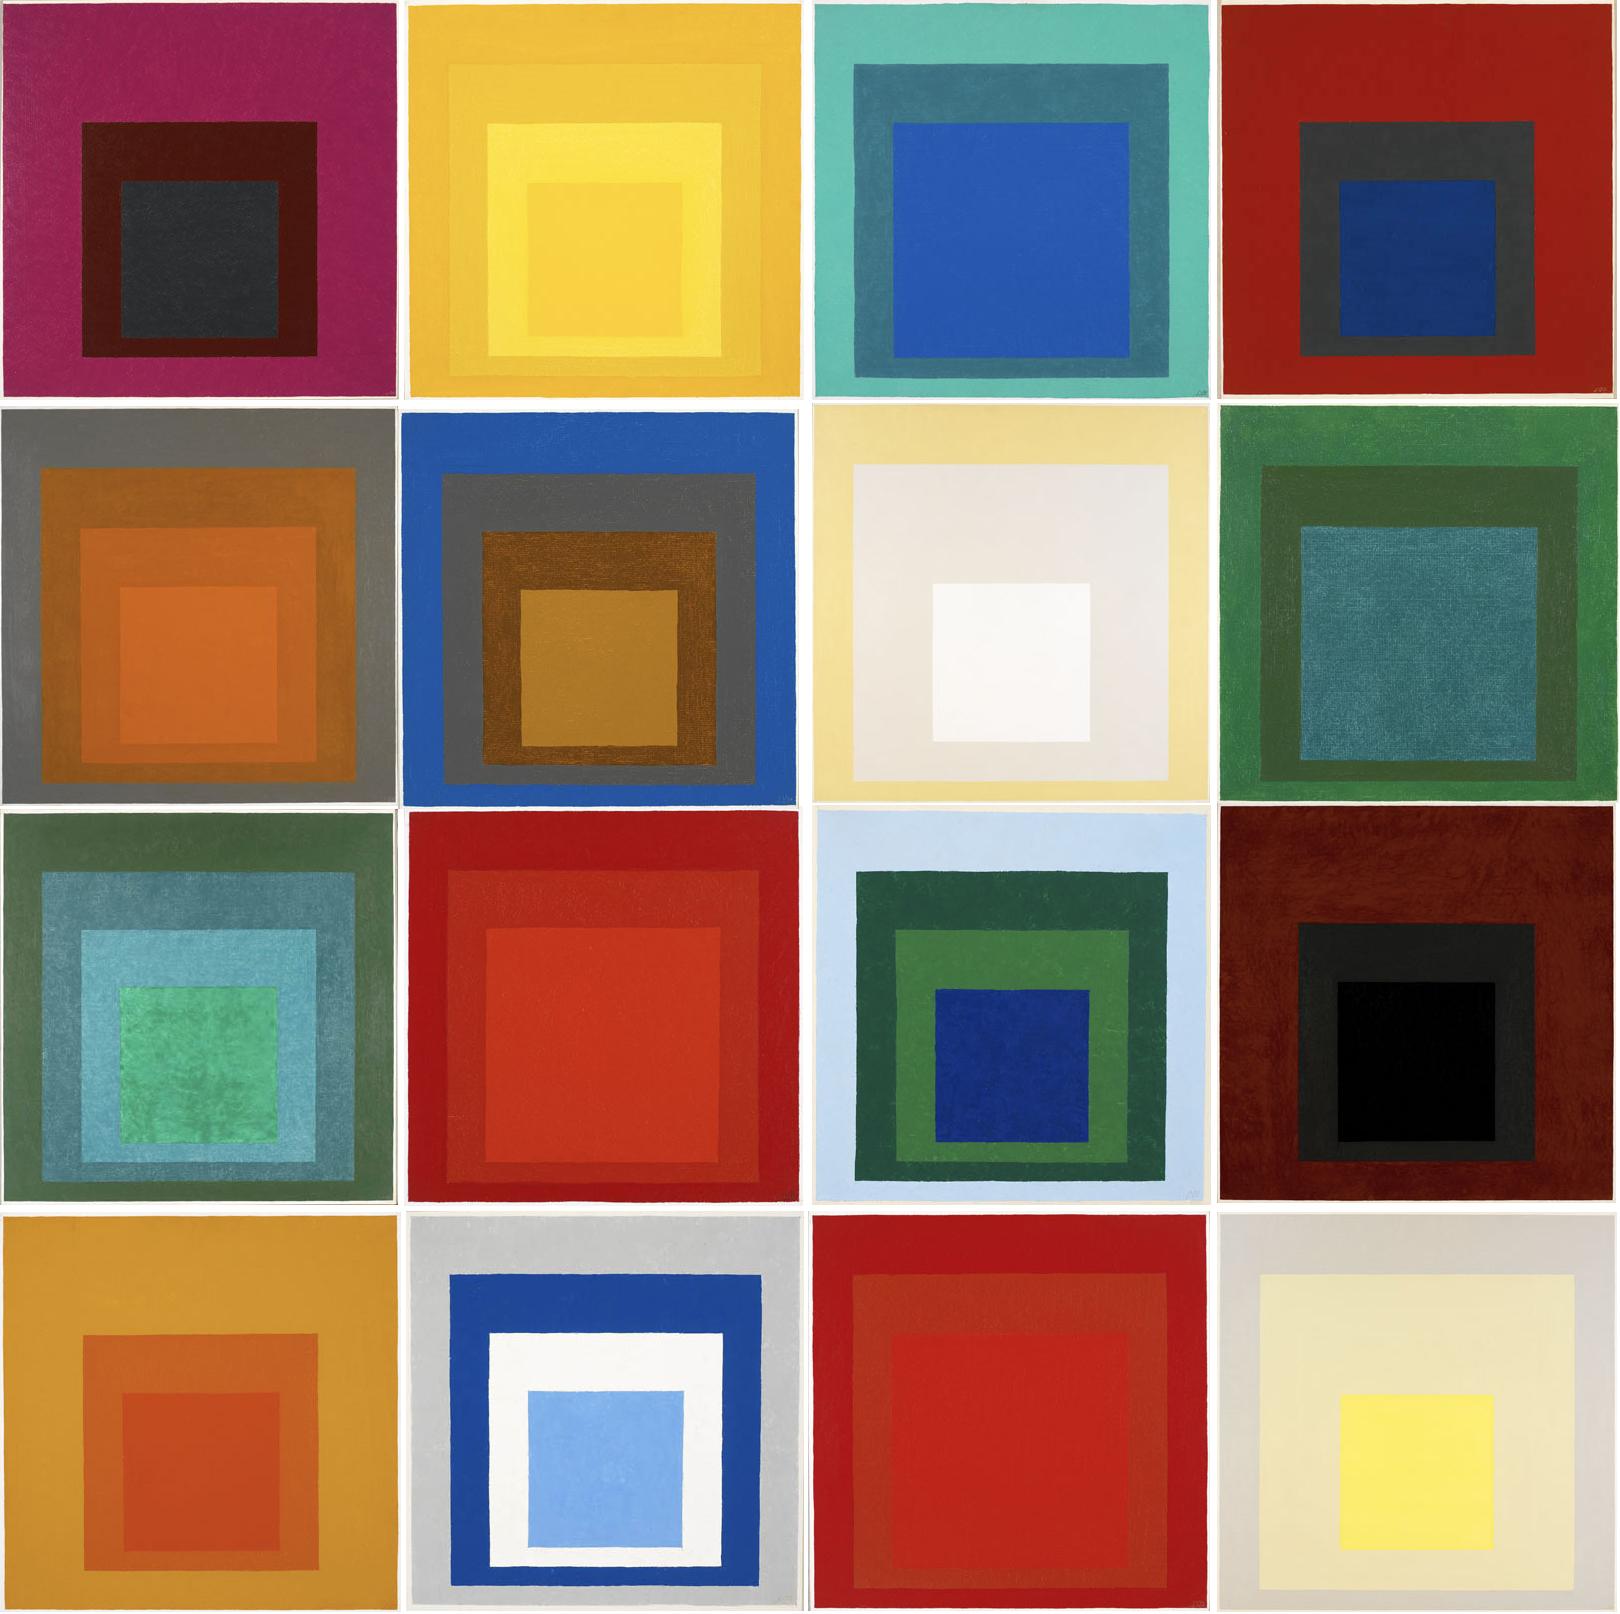 Albers, Omaggio al quadrato (dal 1949)